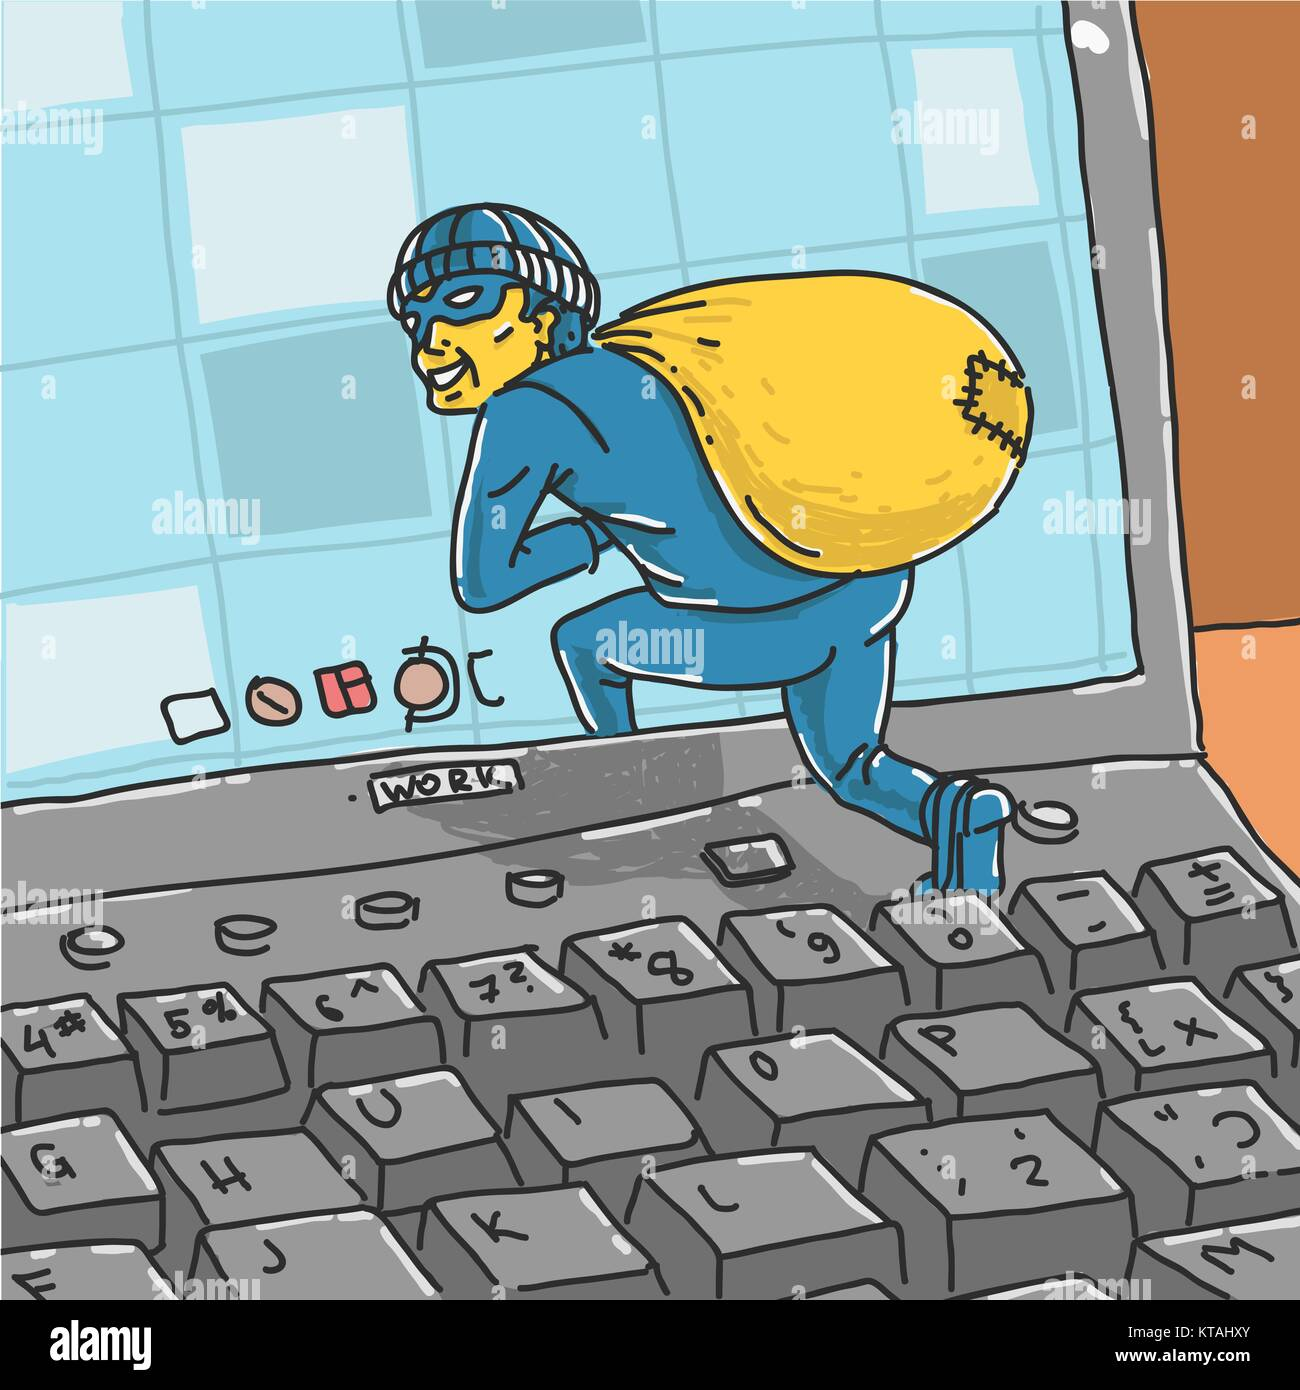 Hacker roba información del equipo Imagen De Stock